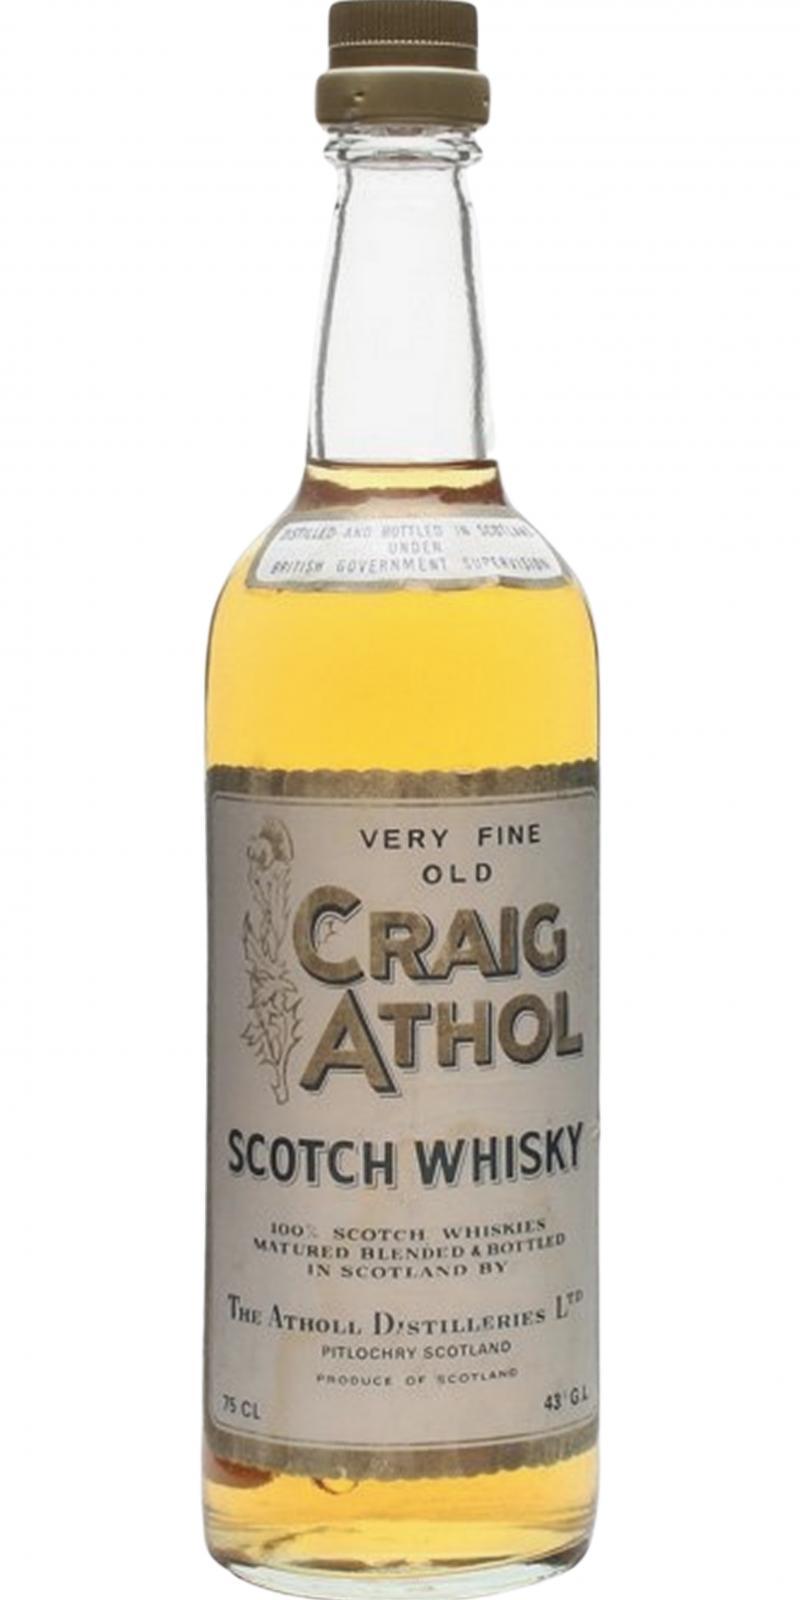 Craig Athol 05-year-old